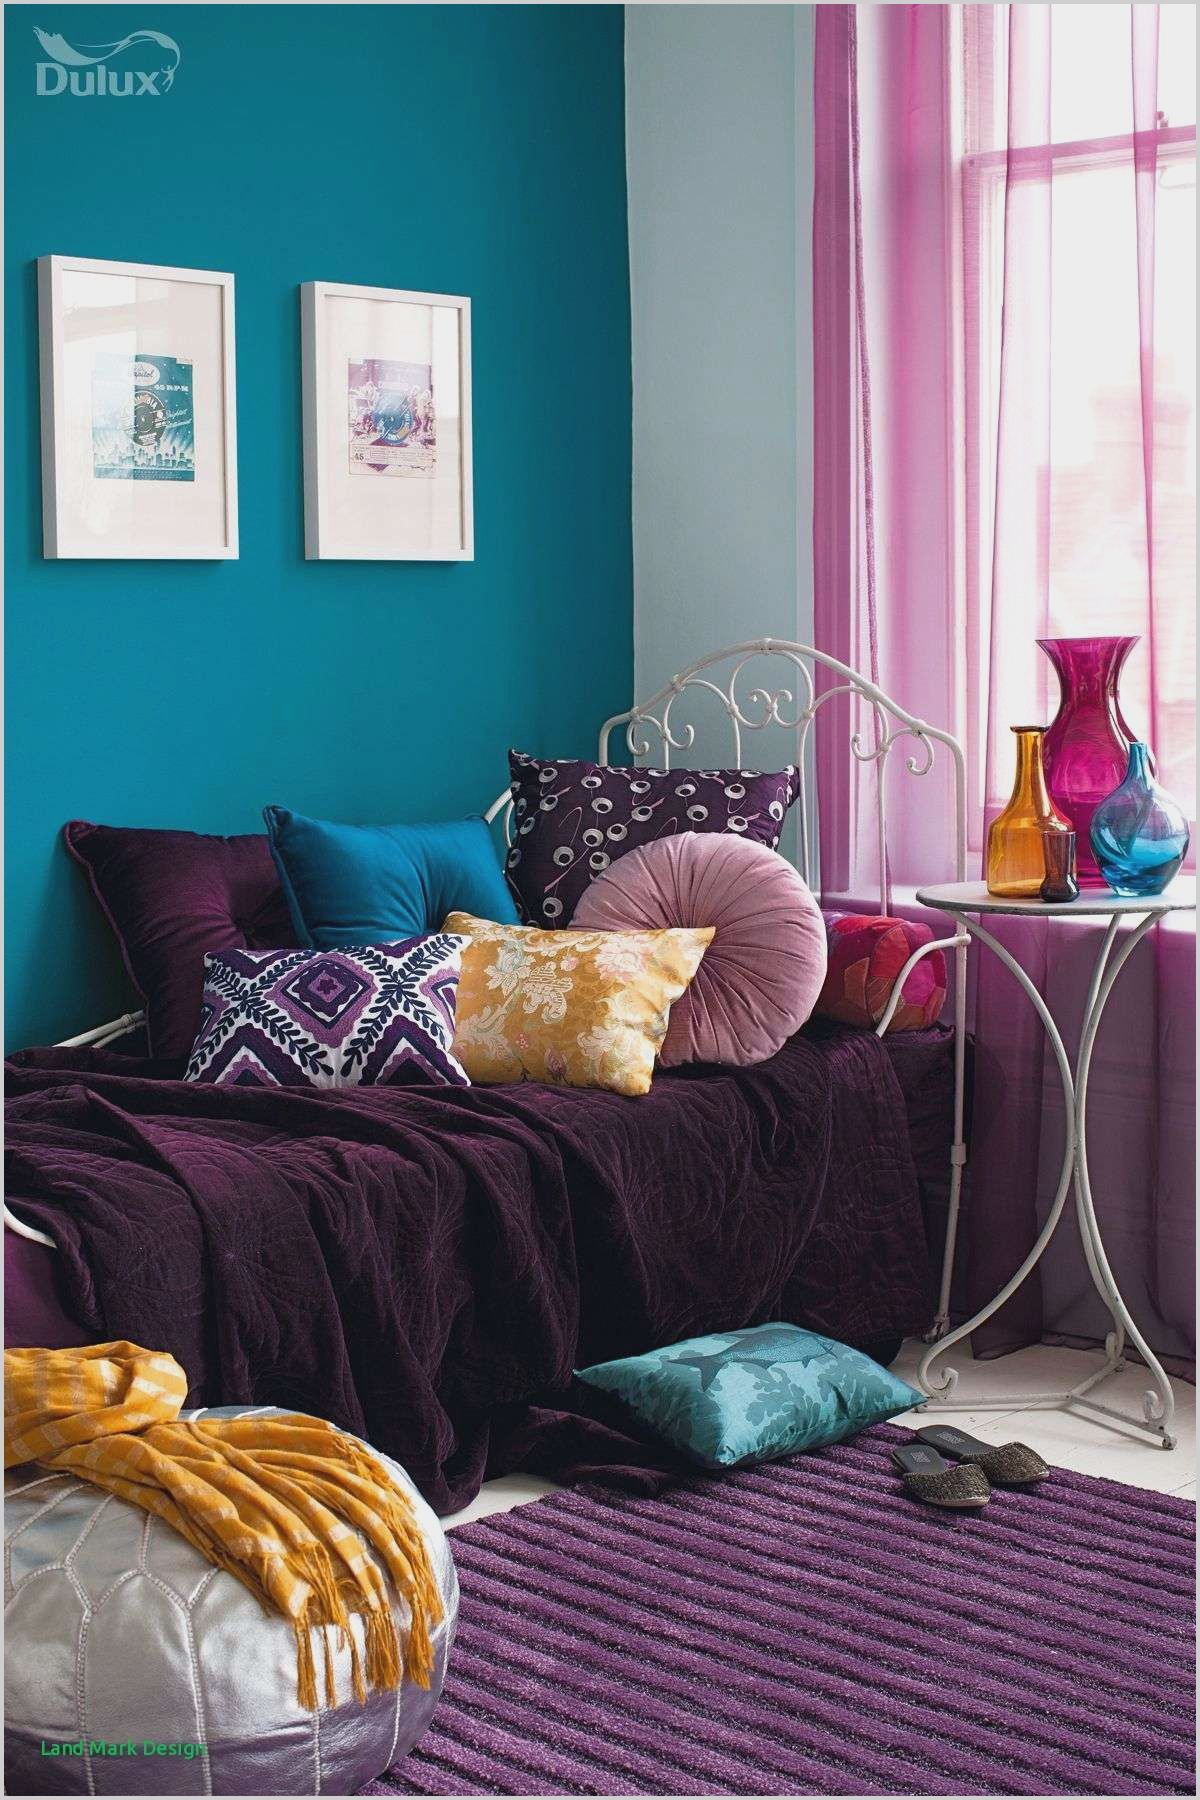 Teal And Purple Bedroom Design Turquoise Room Teal Living Rooms Purple Bedroom Decor Teal purple bedroom ideas